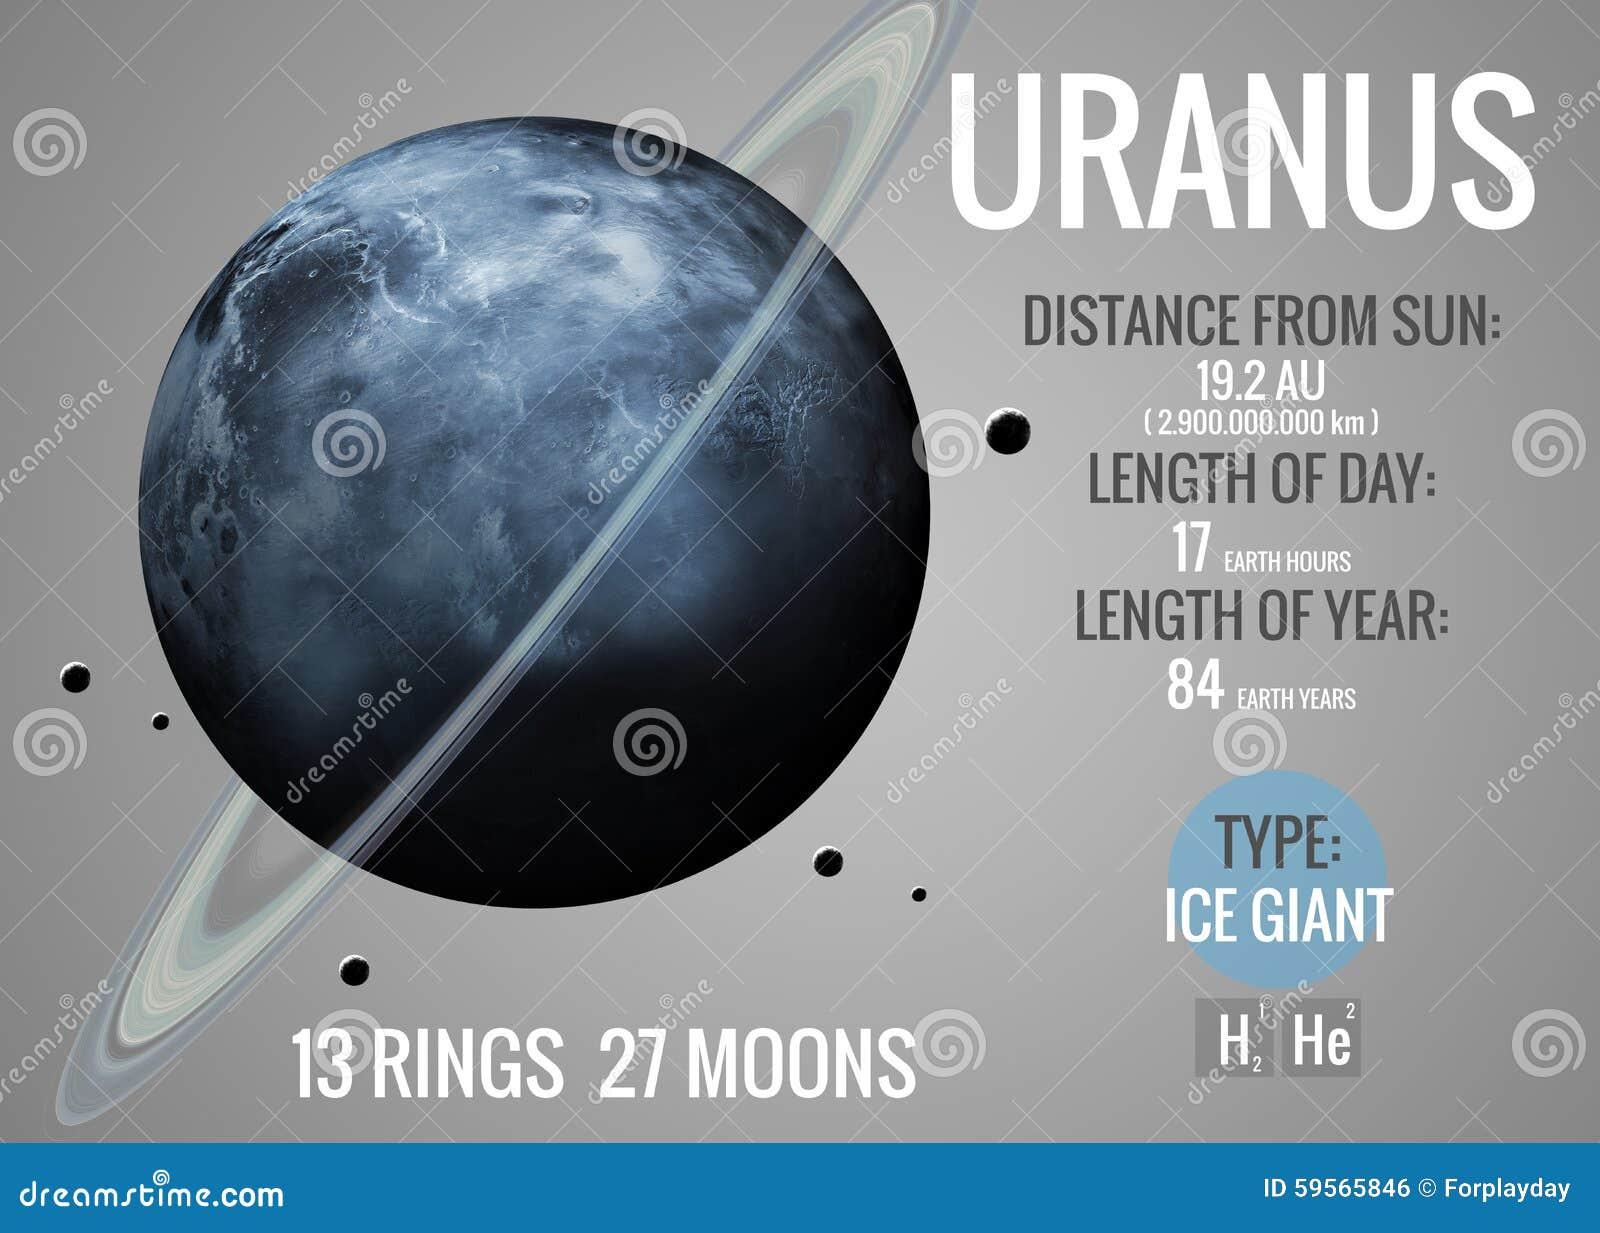 Uranus - Infographic presents one of the solar